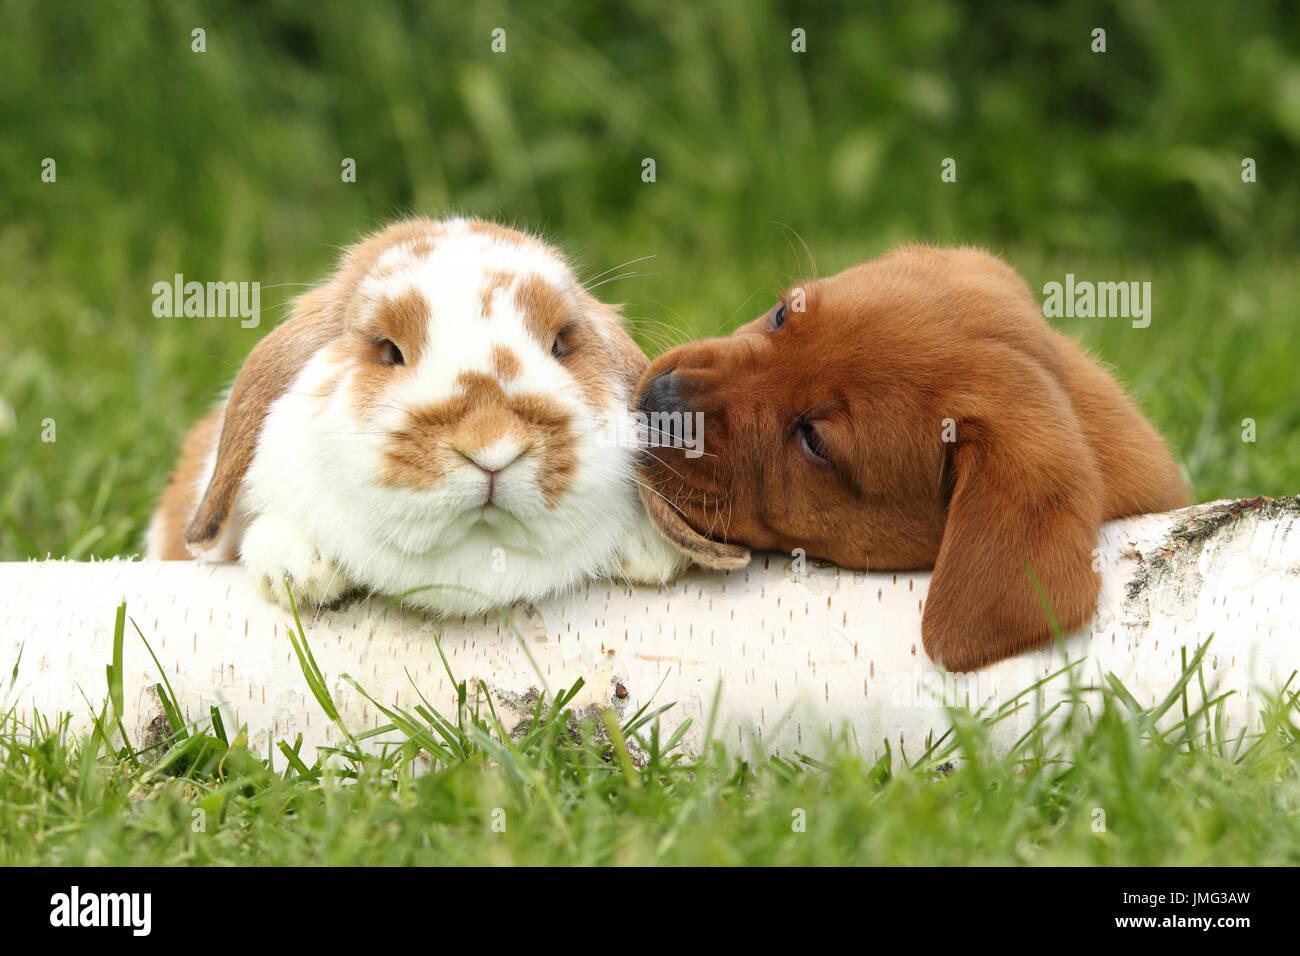 Labrador Retriever et Bélier Nain lapin à longues. Puppy (6 semaines) d'essence à rabbit, tout en se trouvant sur un journal de bouleau. Allemagne Photo Stock